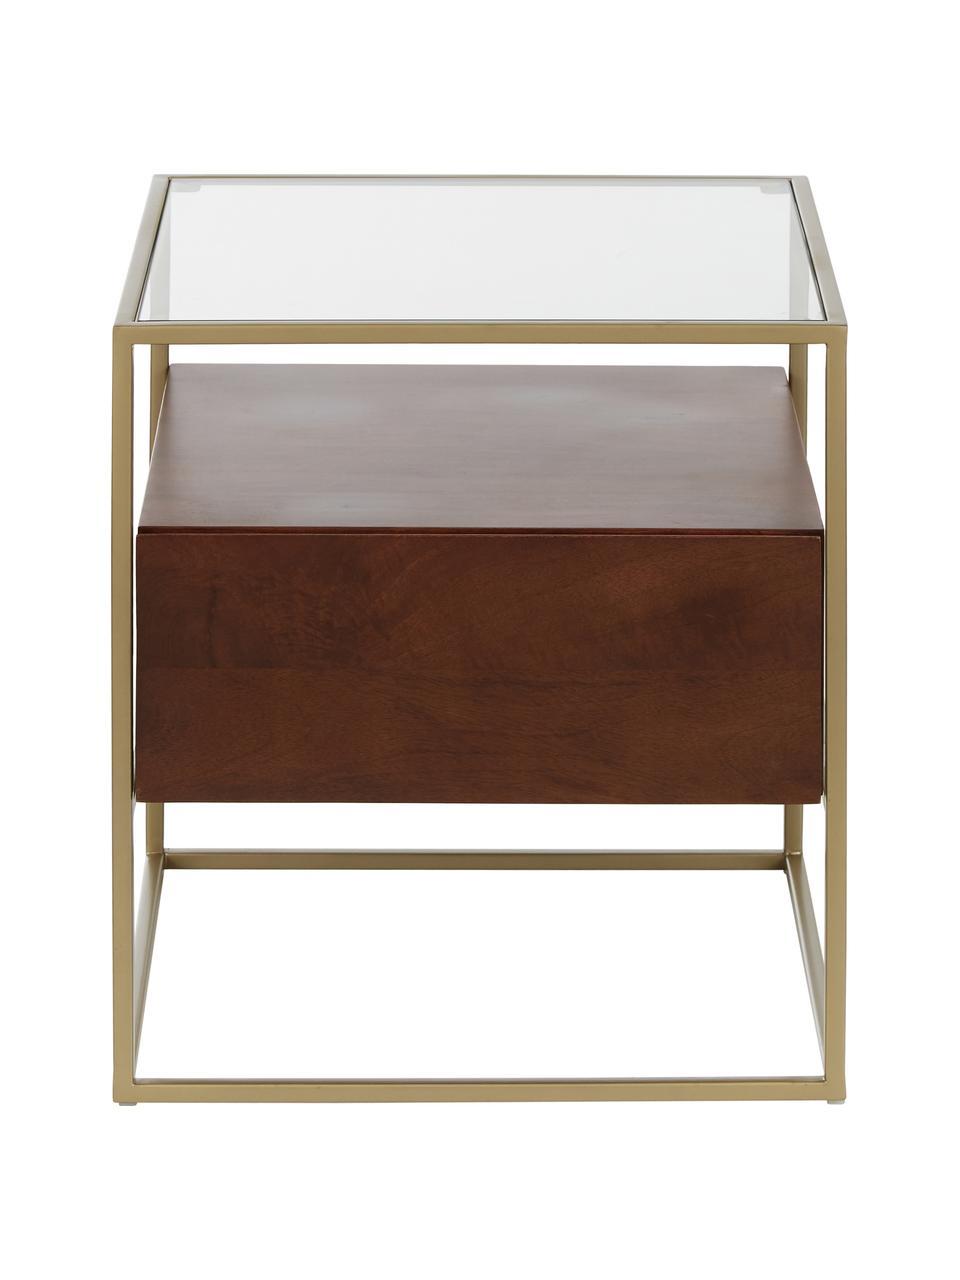 Beistelltisch Theodor mit Schublade, Tischplatte: Glas, Gestell: Metall, pulverbeschichtet, Transparent, Mangoholz, Goldfarben, 45 x 50 cm